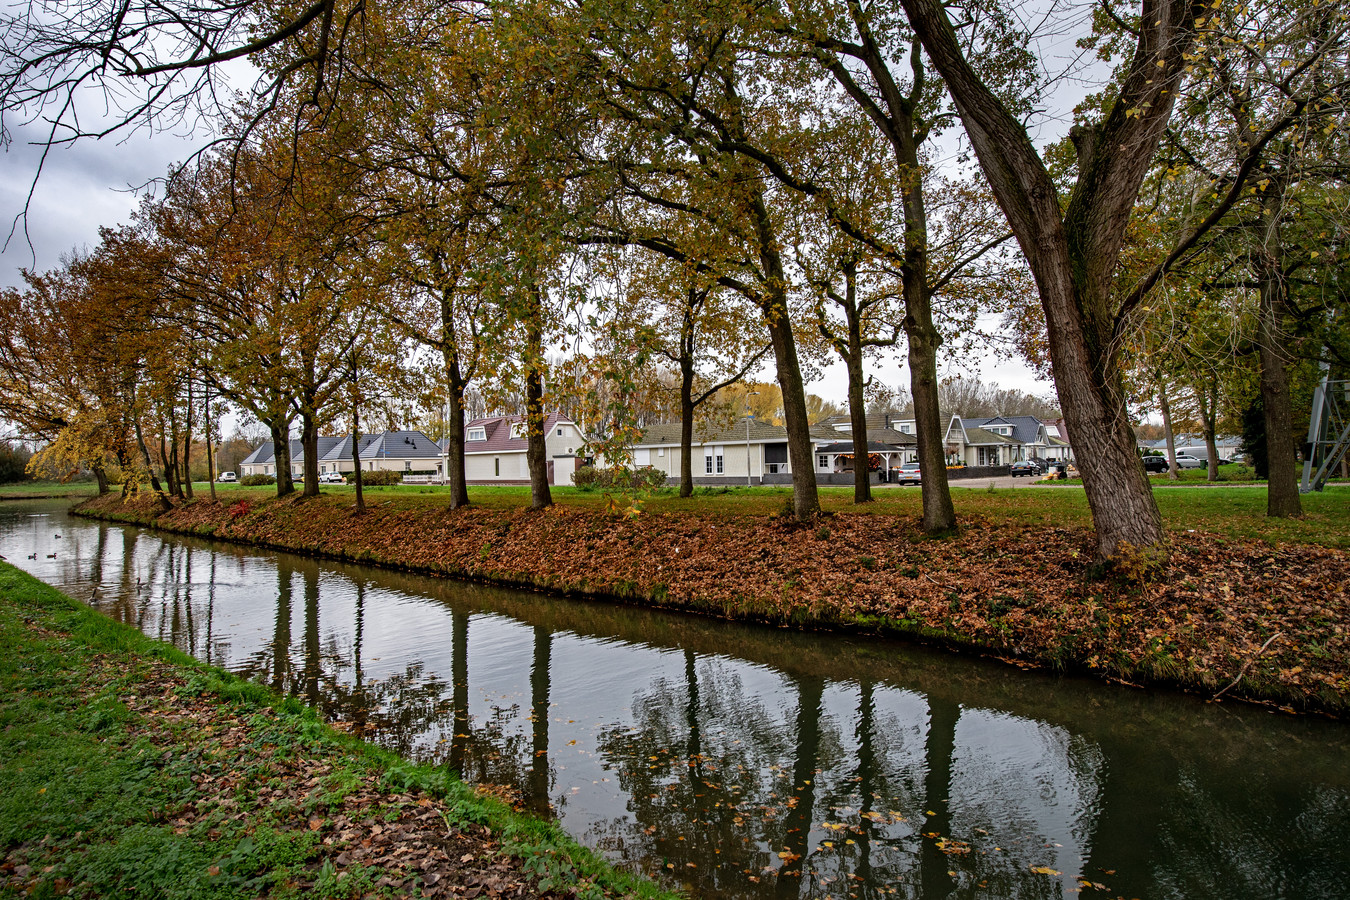 Woonwagenkamp Teersdijk